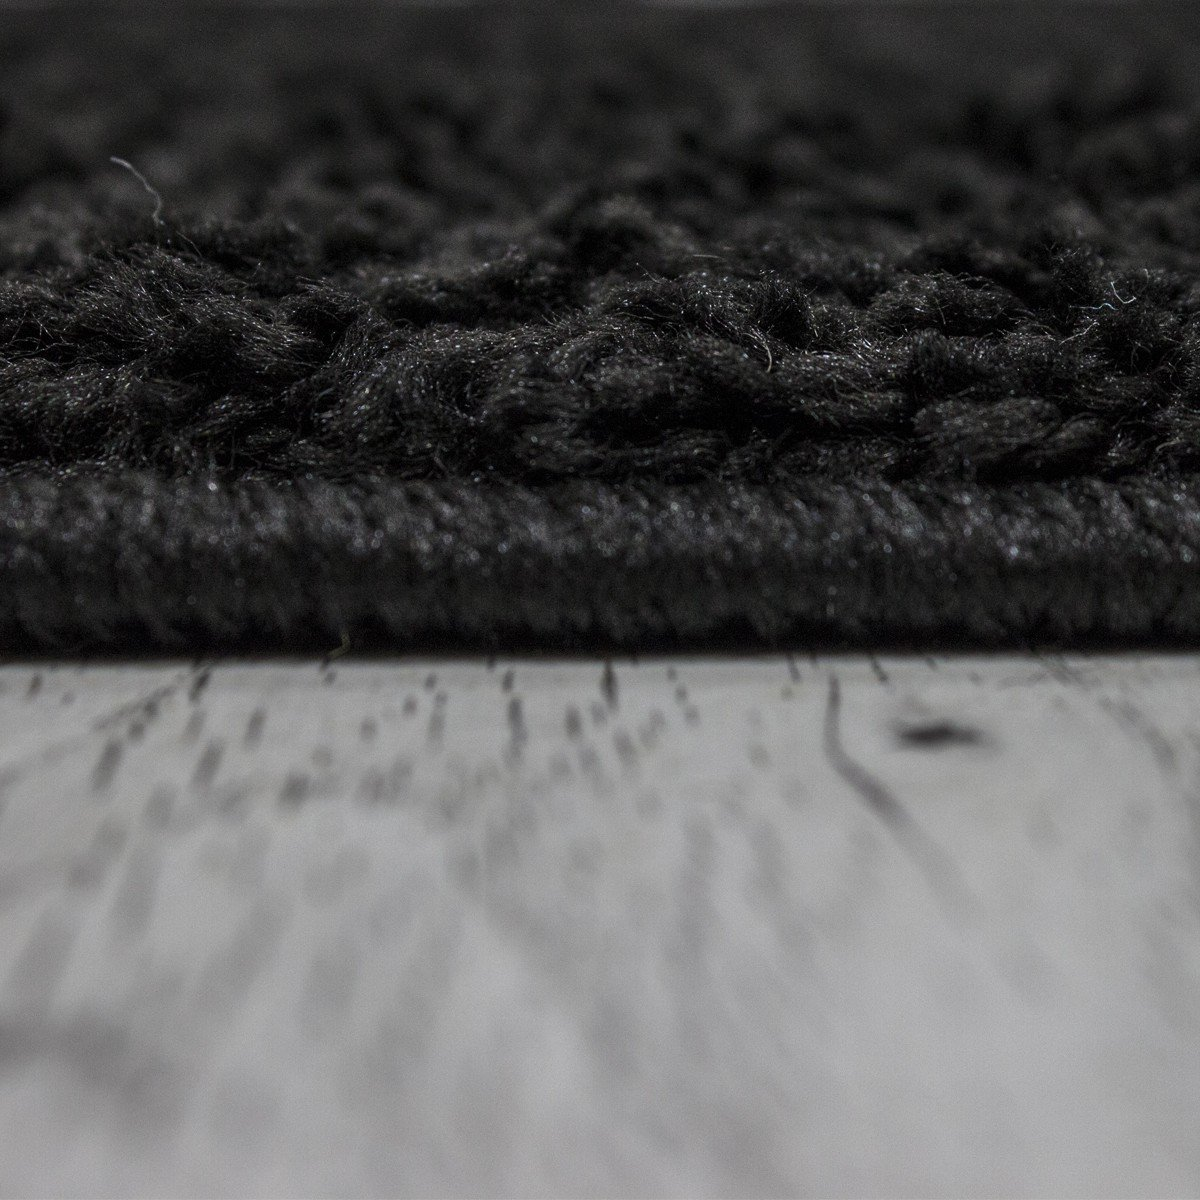 VIMODA Prime Shaggy Teppich Farbe Türkis Hochflor Langflor Teppiche Teppiche Teppiche Modern für Wohnzimmer Schlafzimmer, Maße 200 cm Quadrat 5990f5